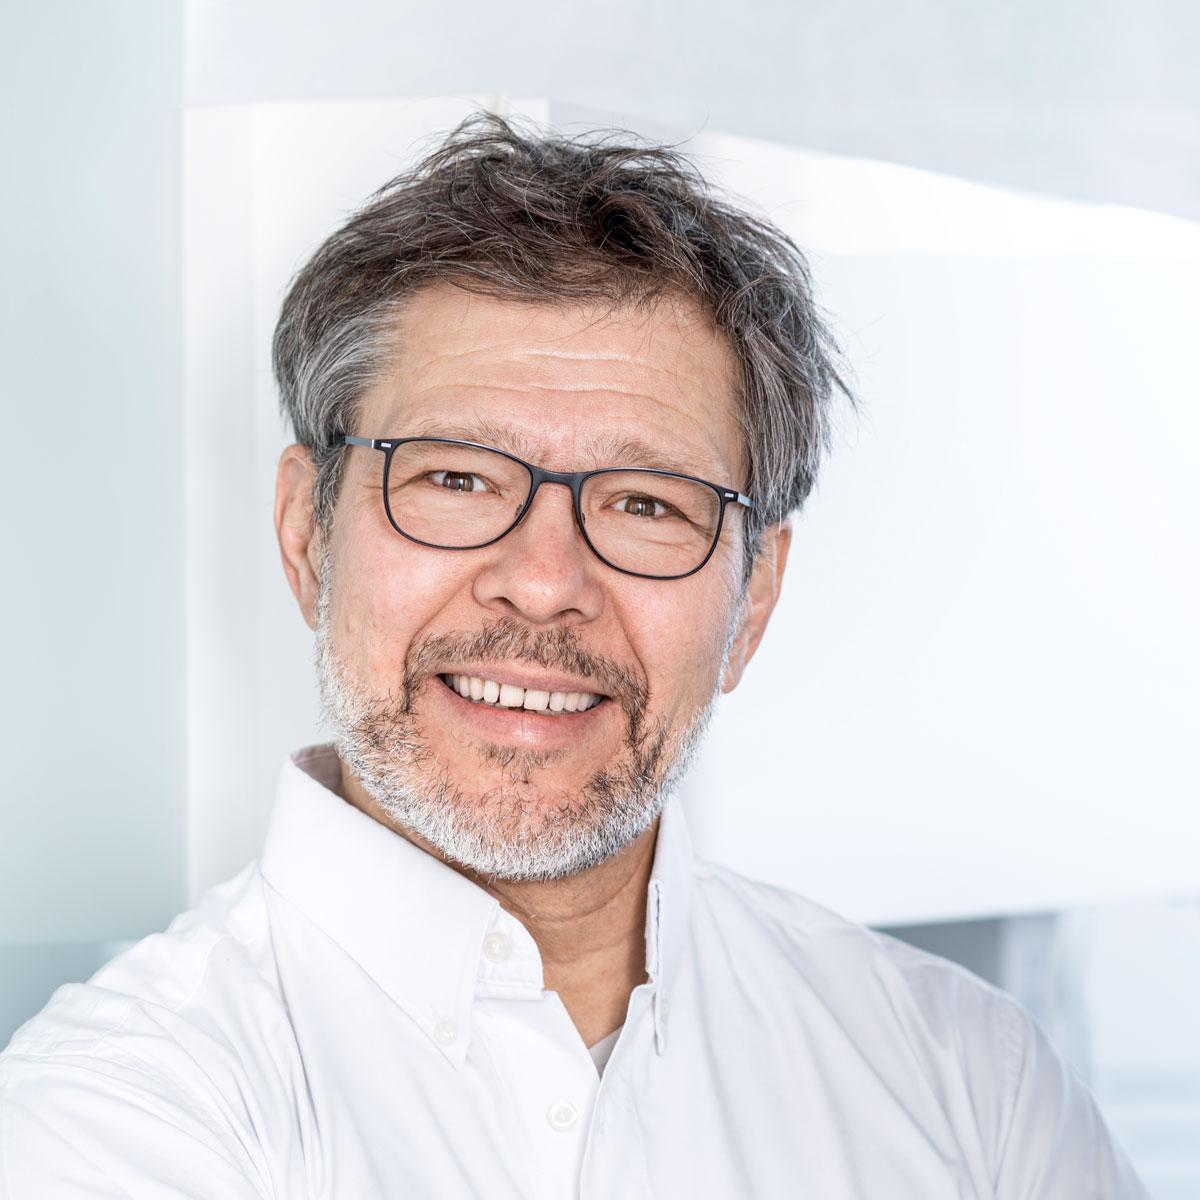 Vita Dr. Dr. Ralf-Thomas Lange M.Sc